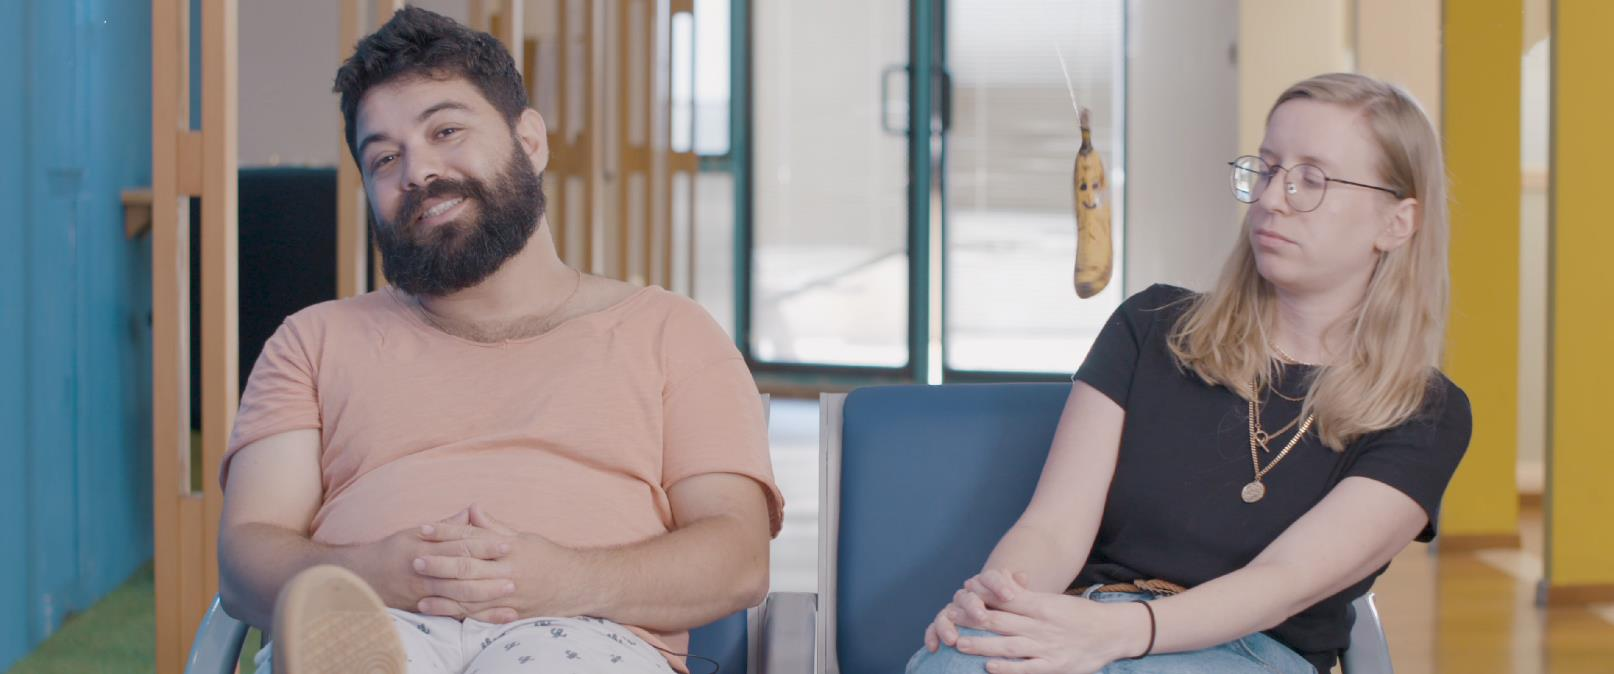 אליה גרינפלד ודניאלה רגב